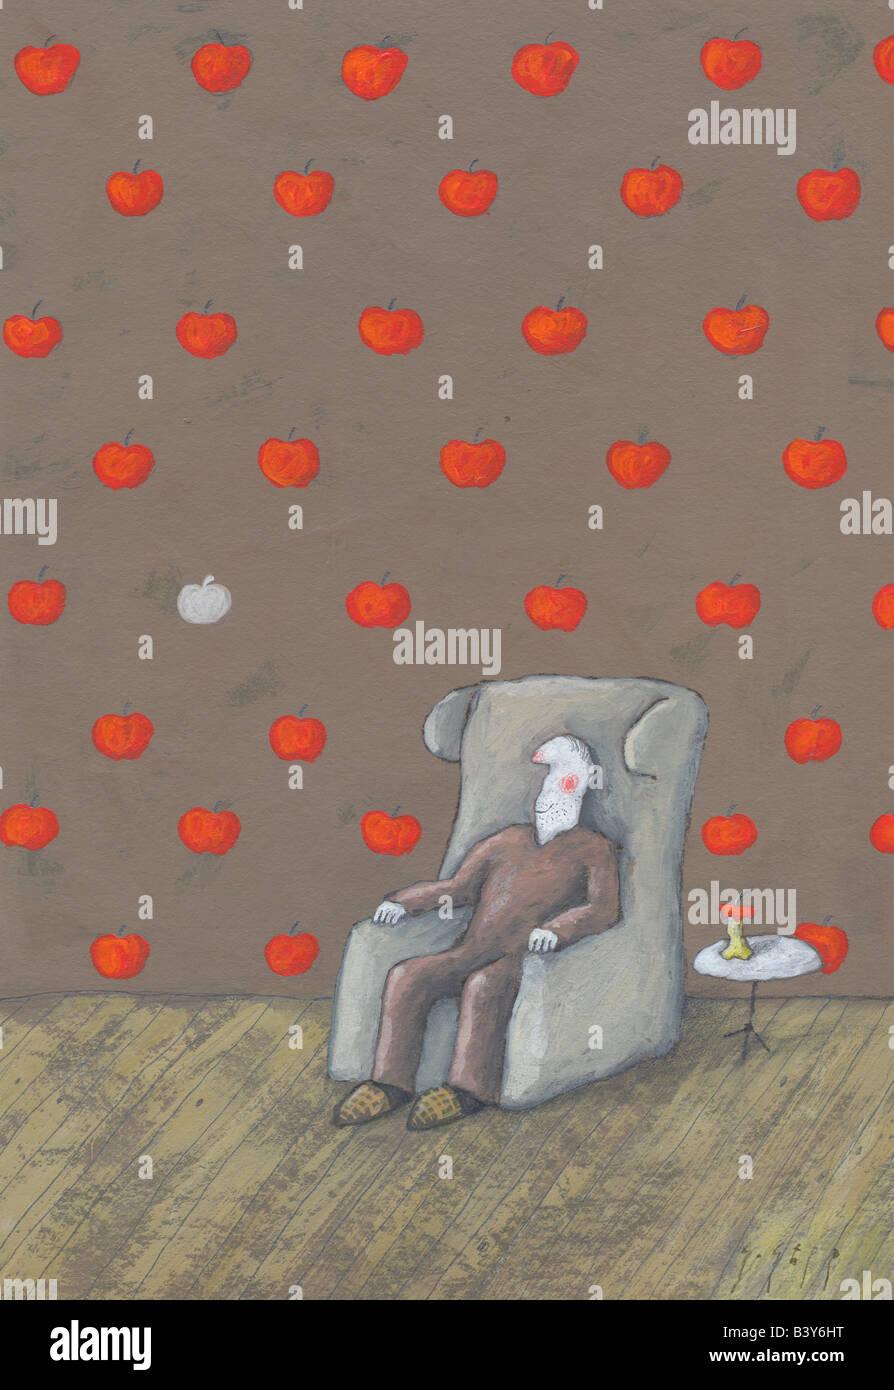 Apple Apfel Stockbild